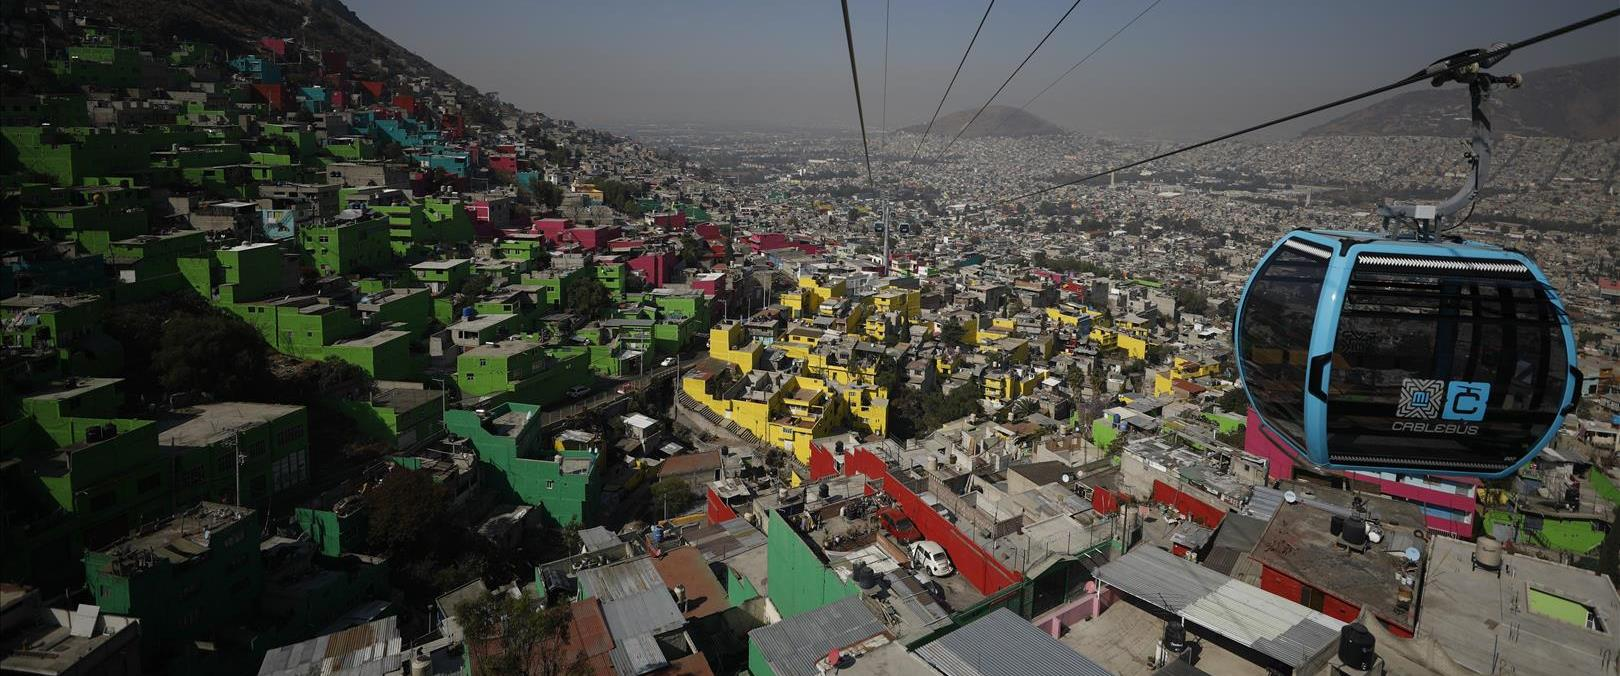 הרכבל החדש במקסיקו סיטי